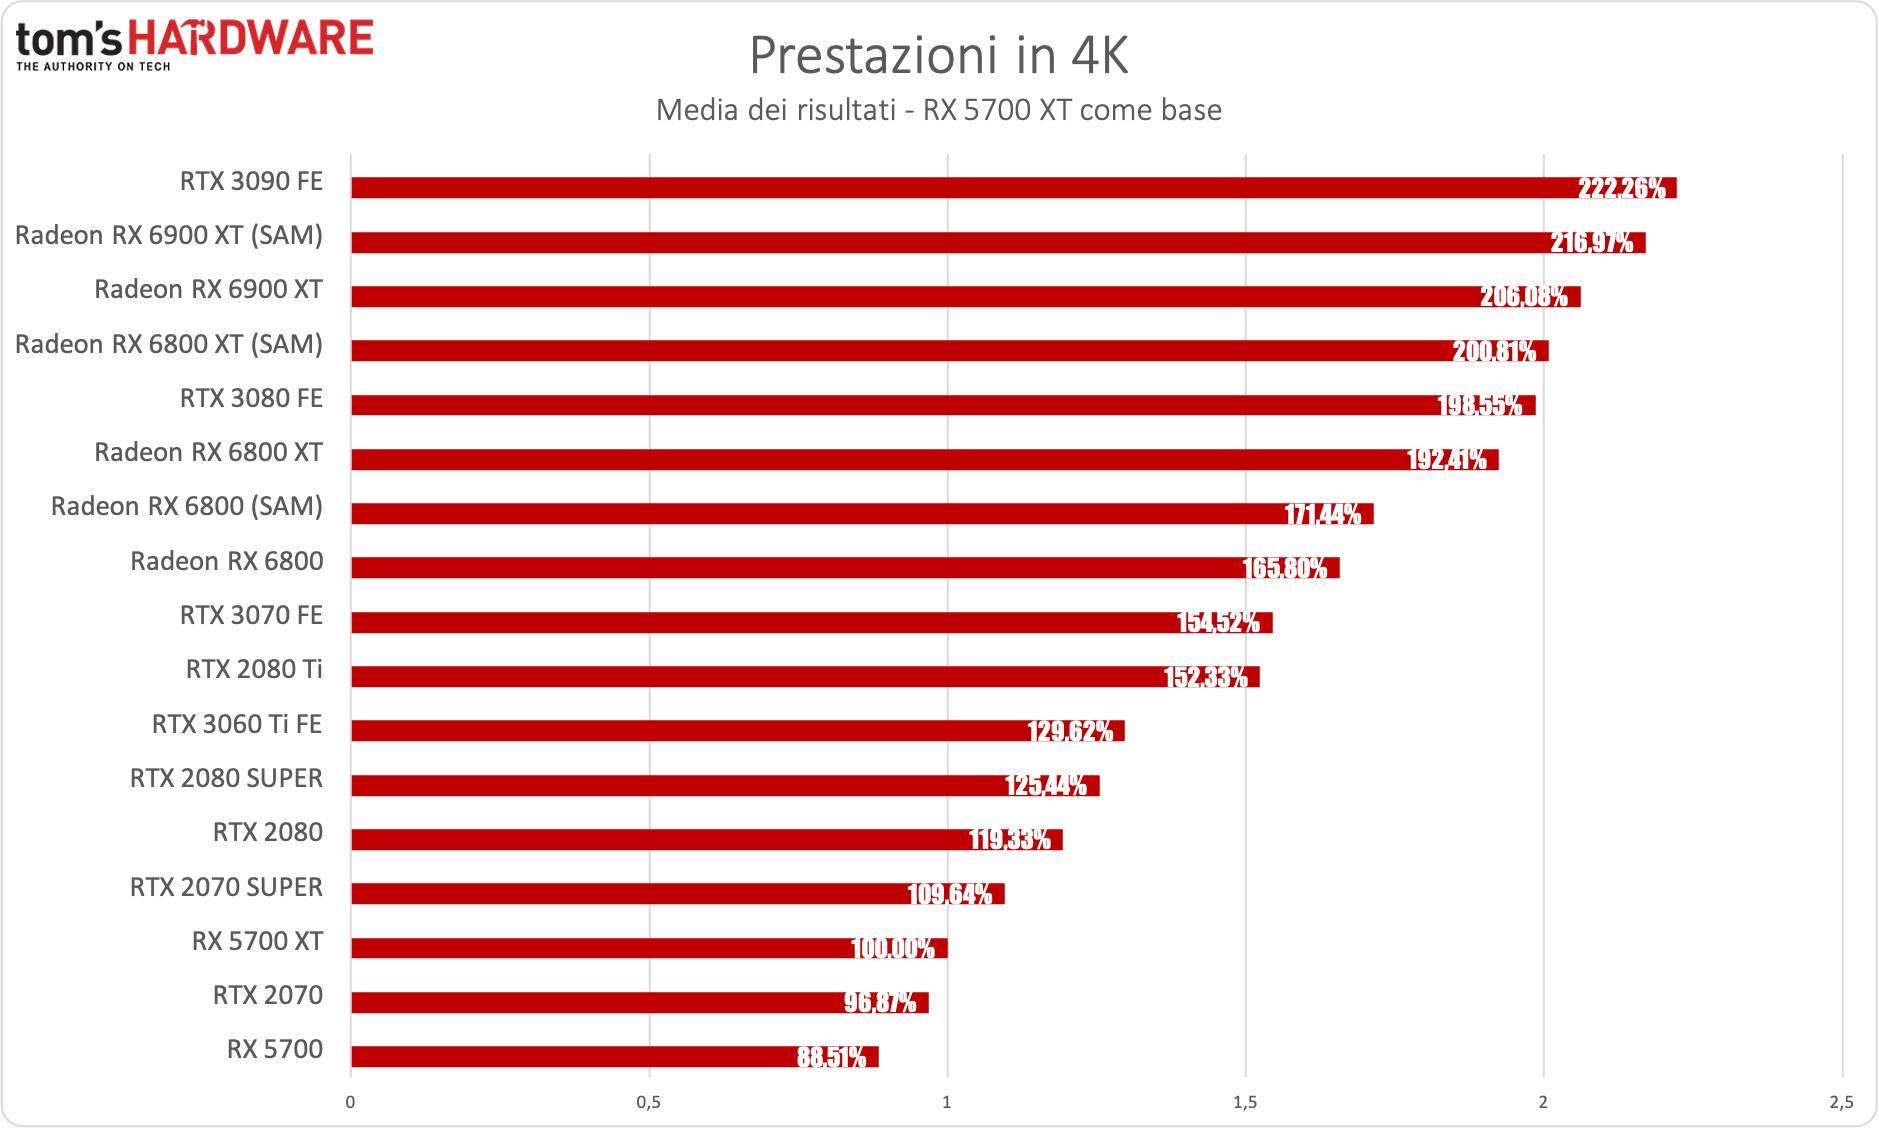 Benchmark Radeon RX 6900 XT - 4K - diff. % RX 5700 XT